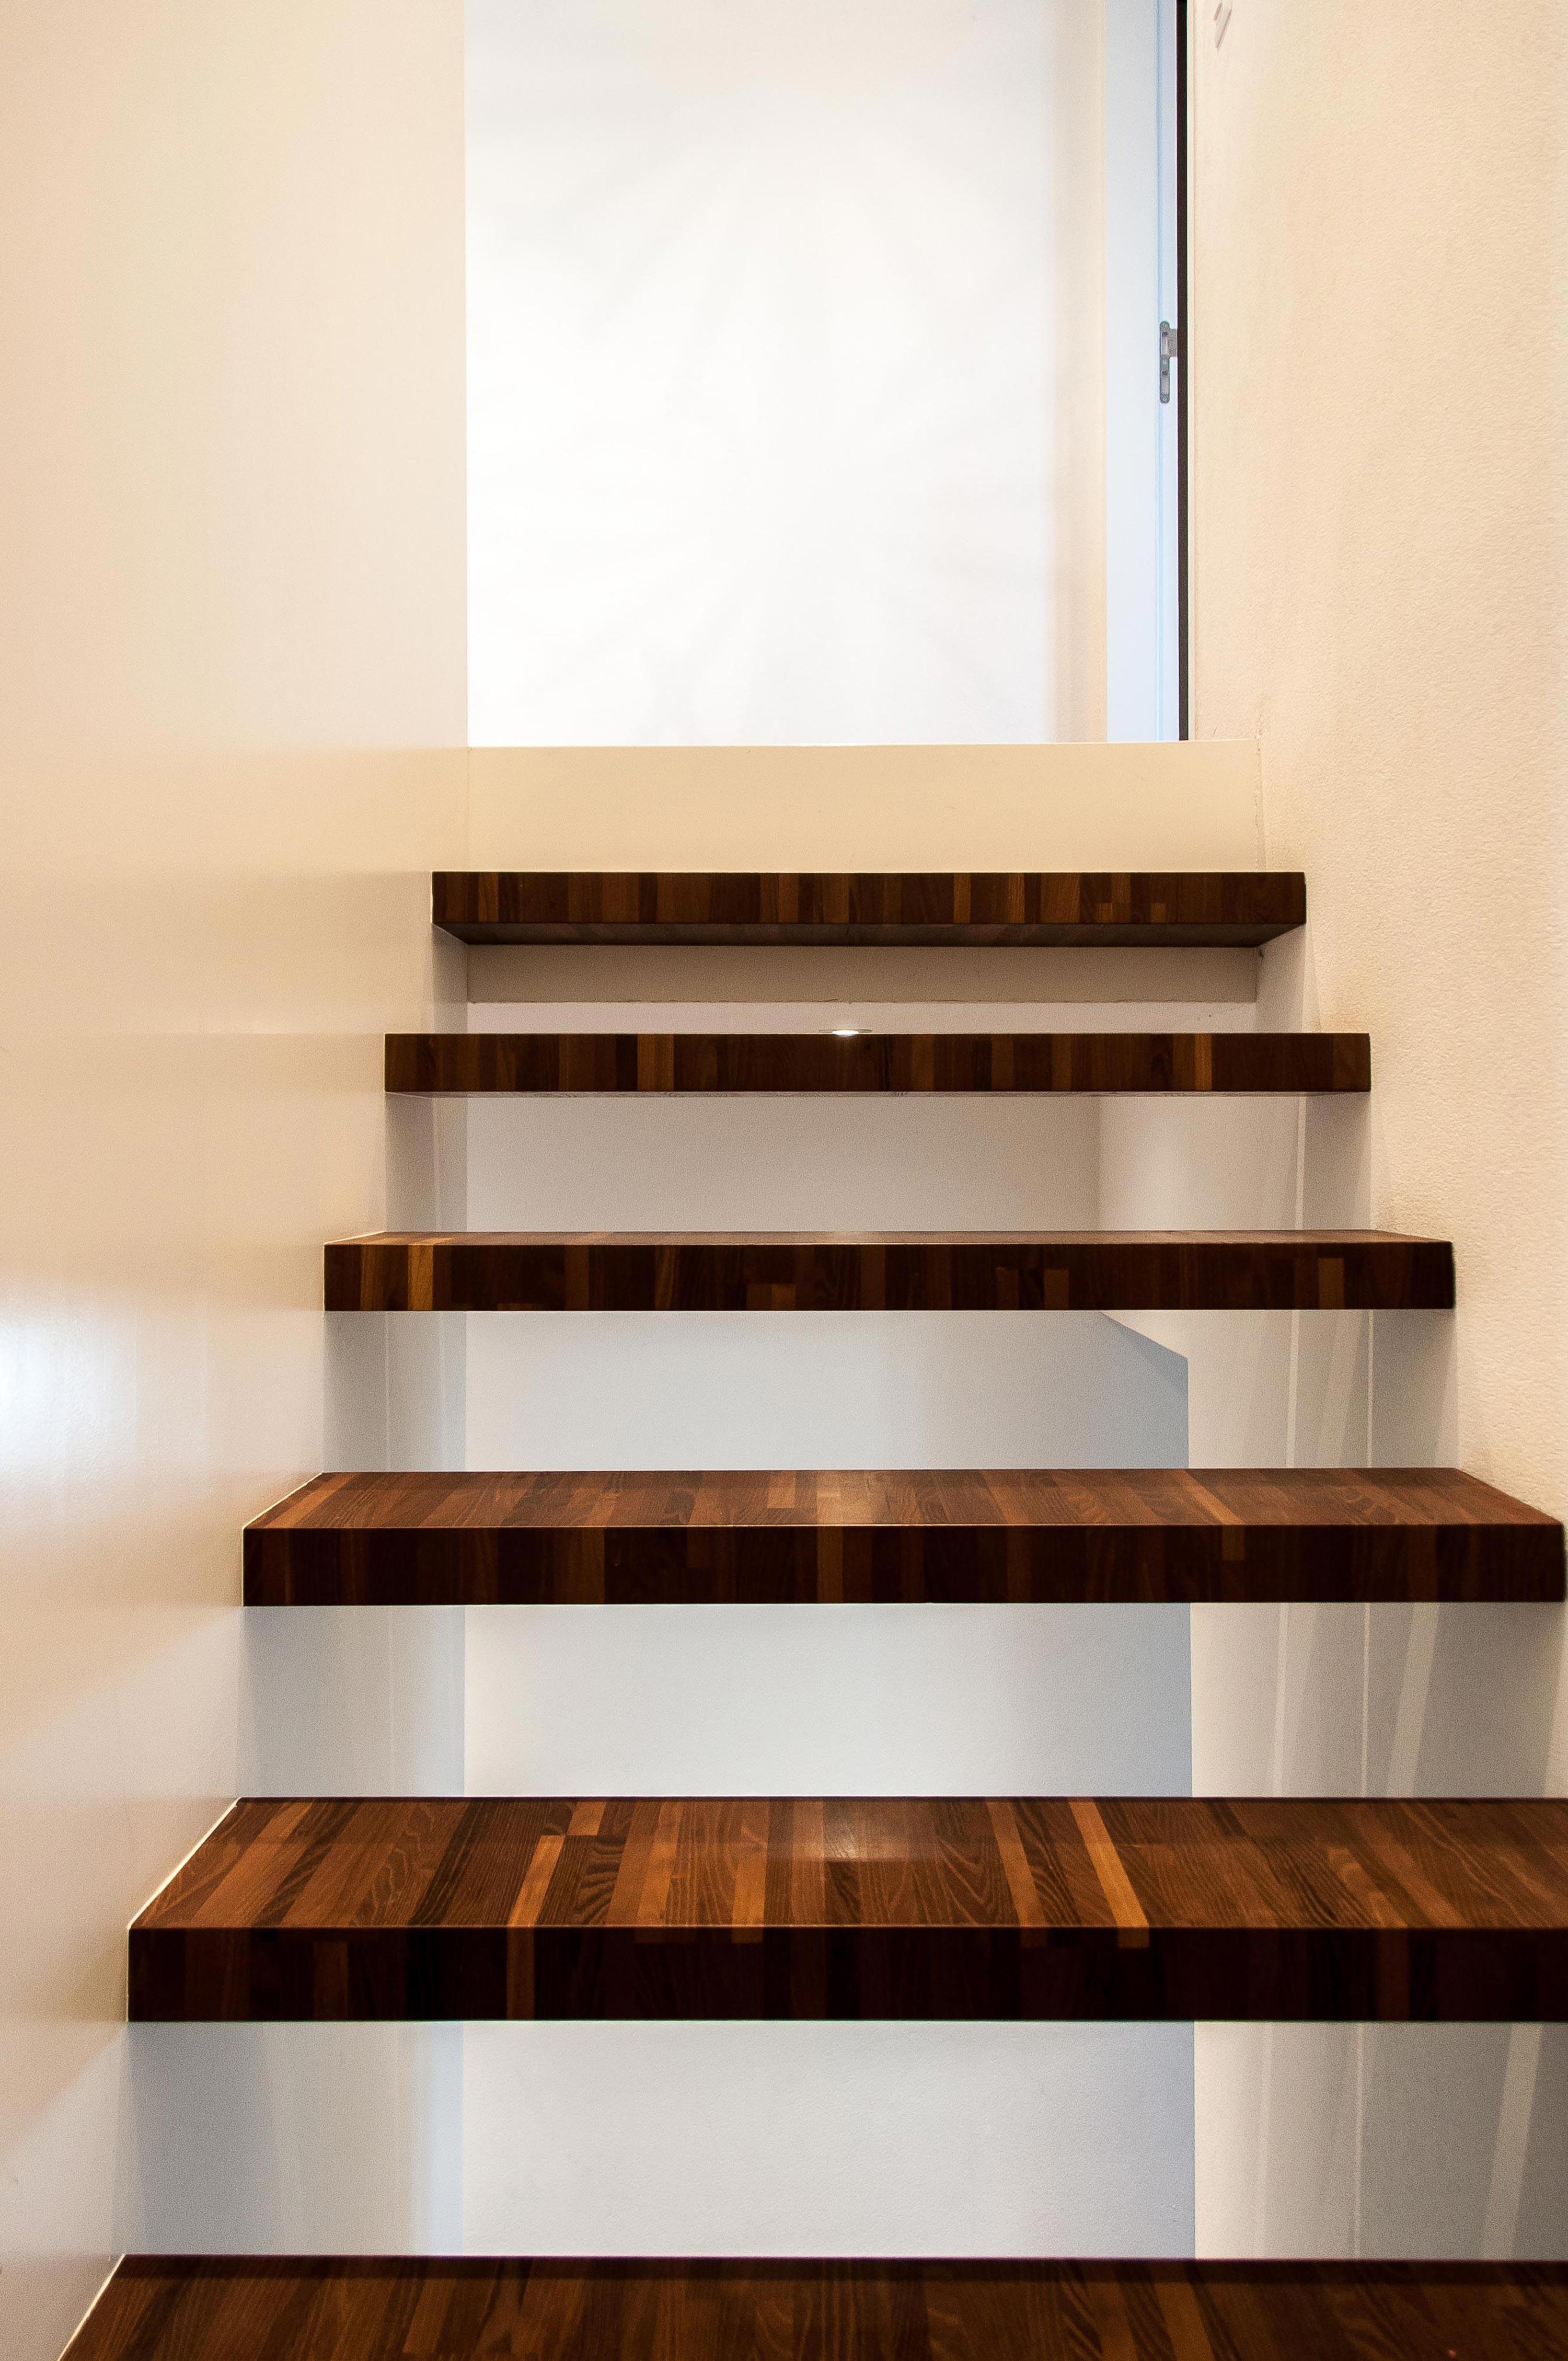 ipunkt   kueche-treppe-innenarchitektur-DSC_0111 - ipunkt